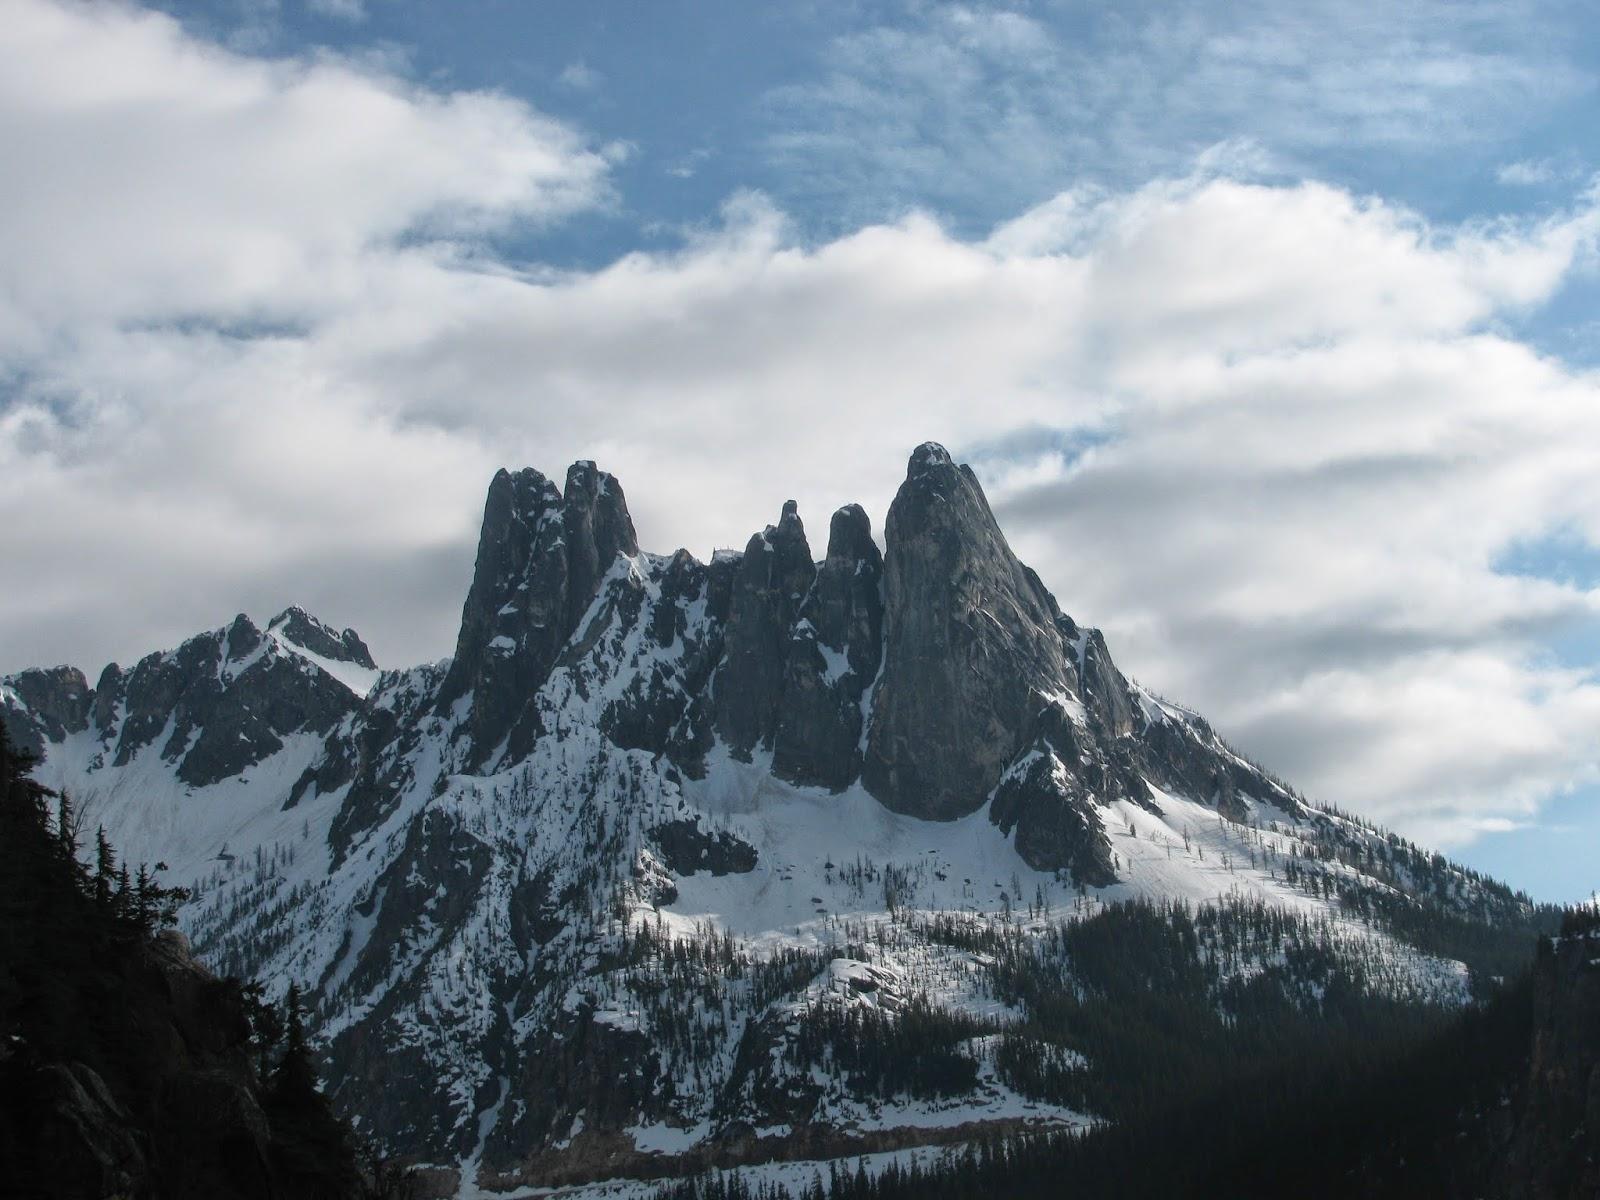 American Alpine Institute